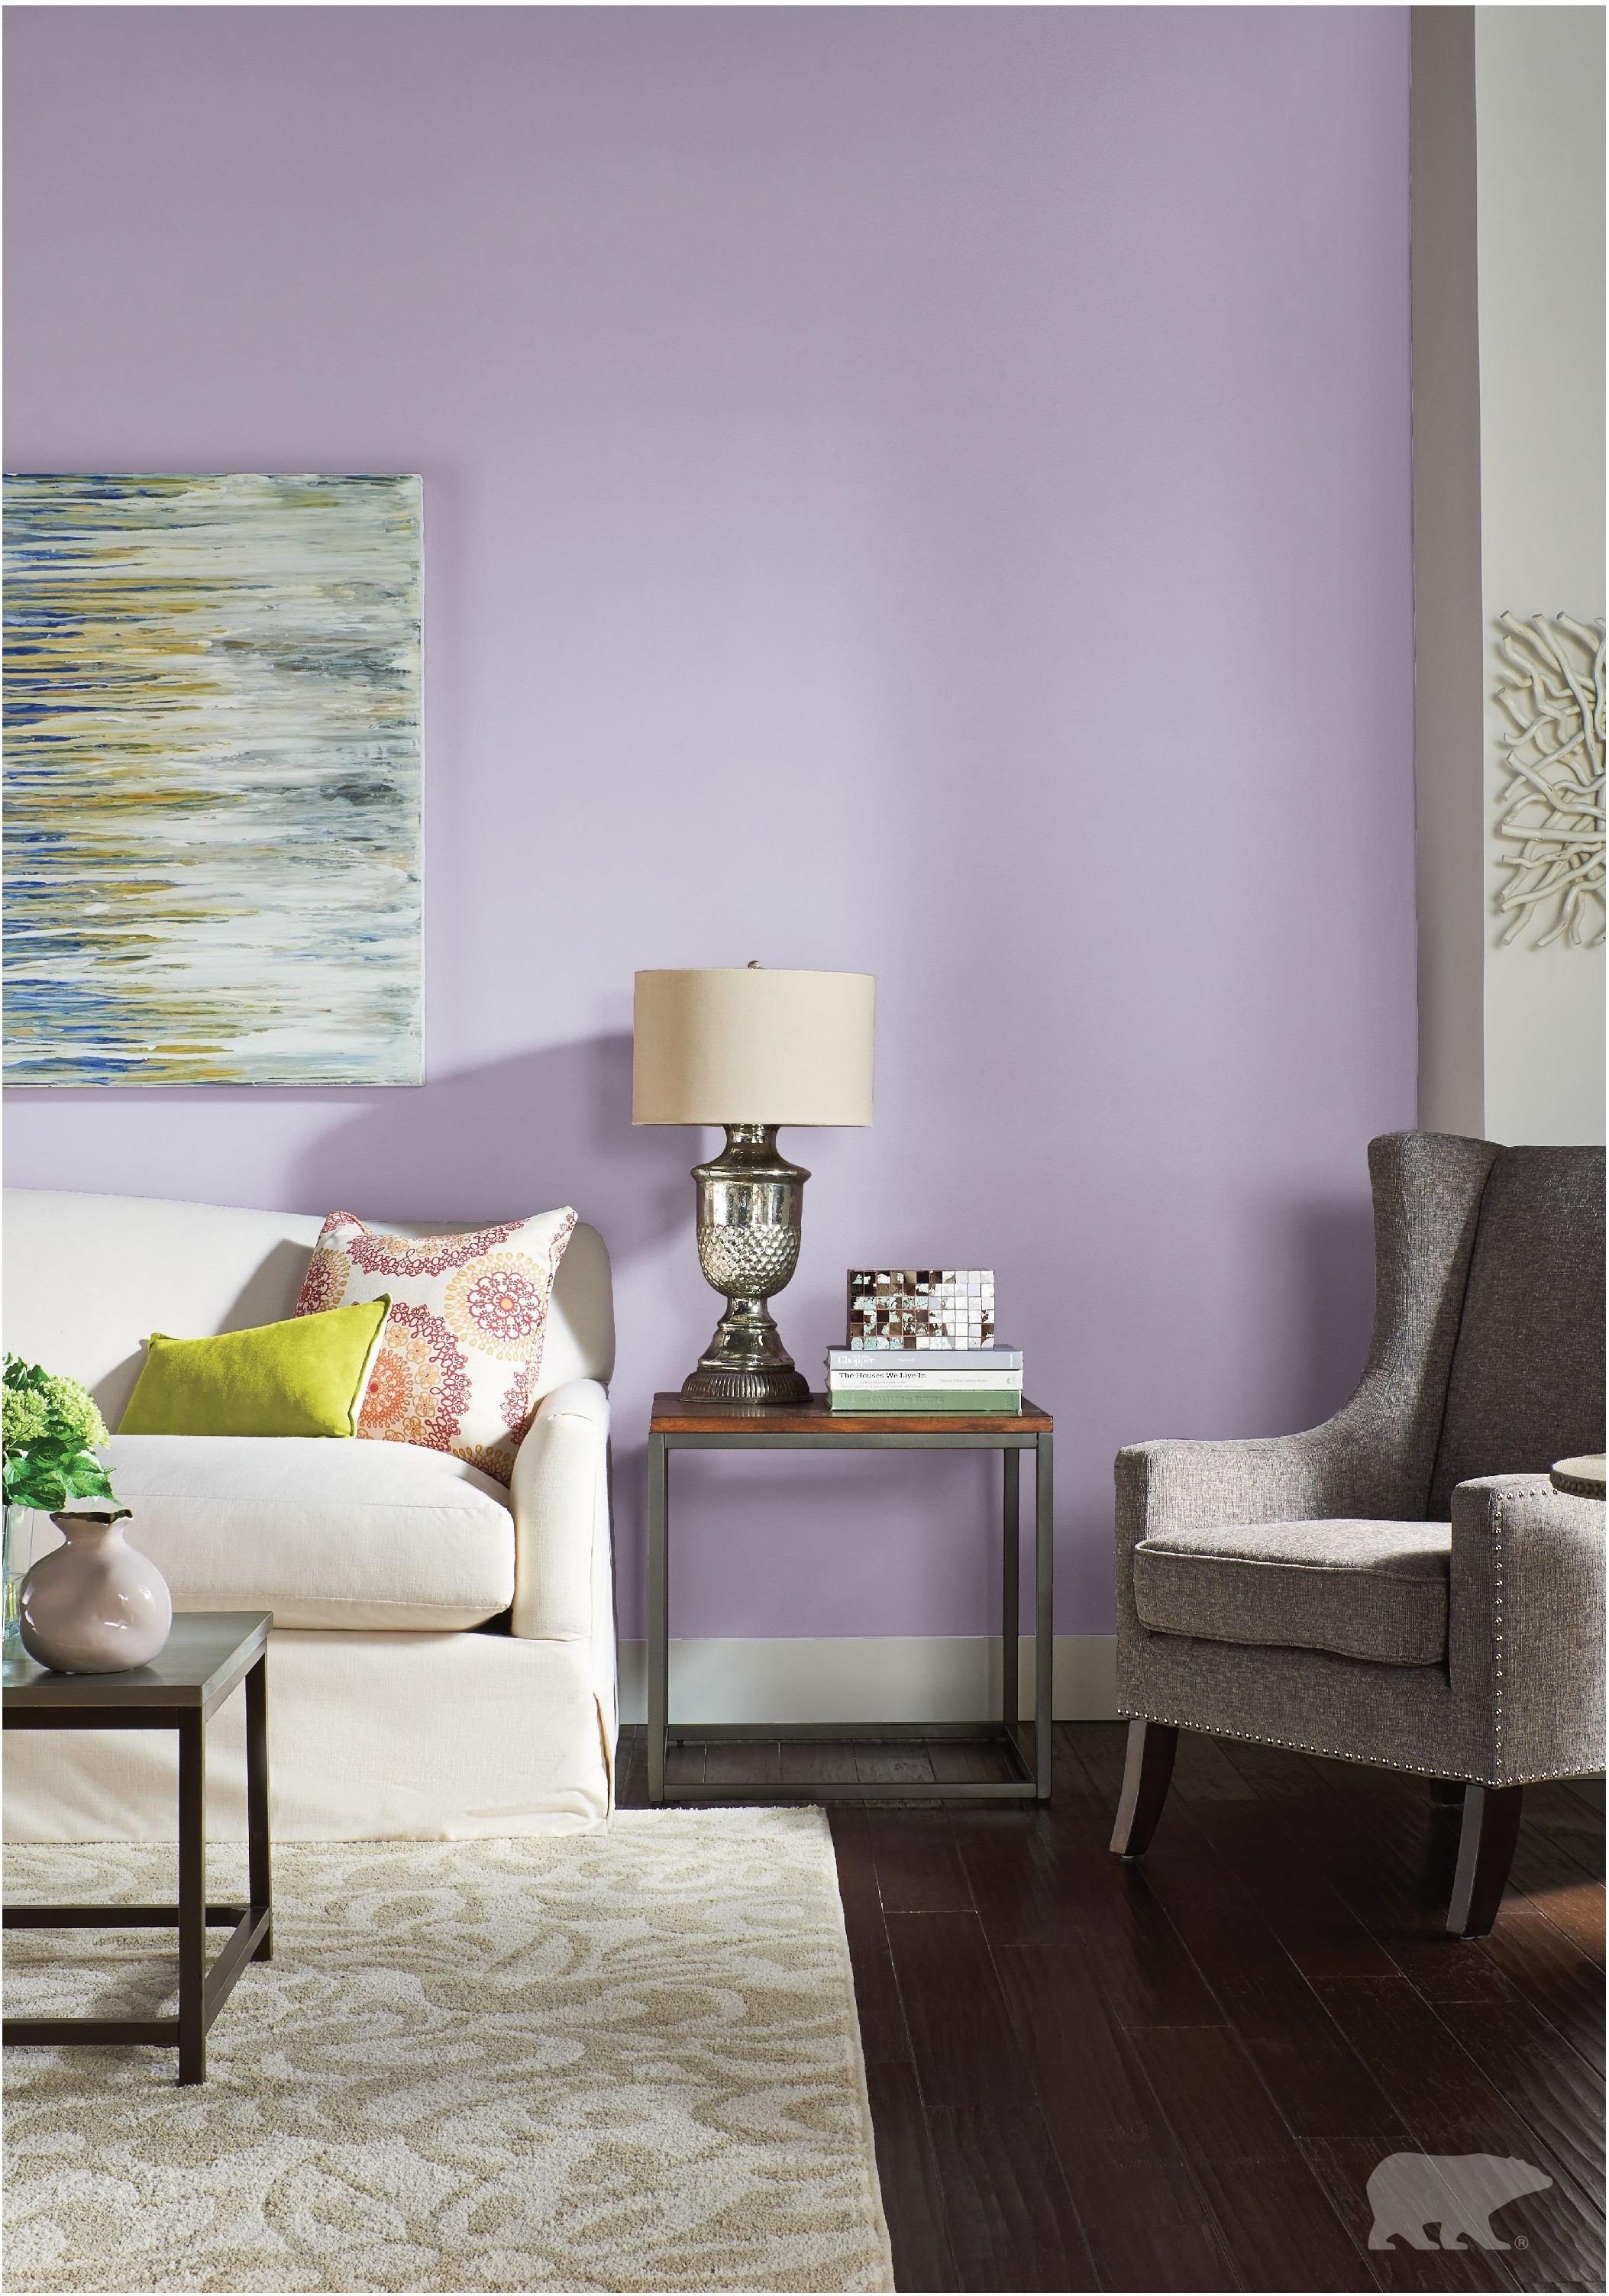 غرفة المعيشة باللون الموف- درجة اللافندر